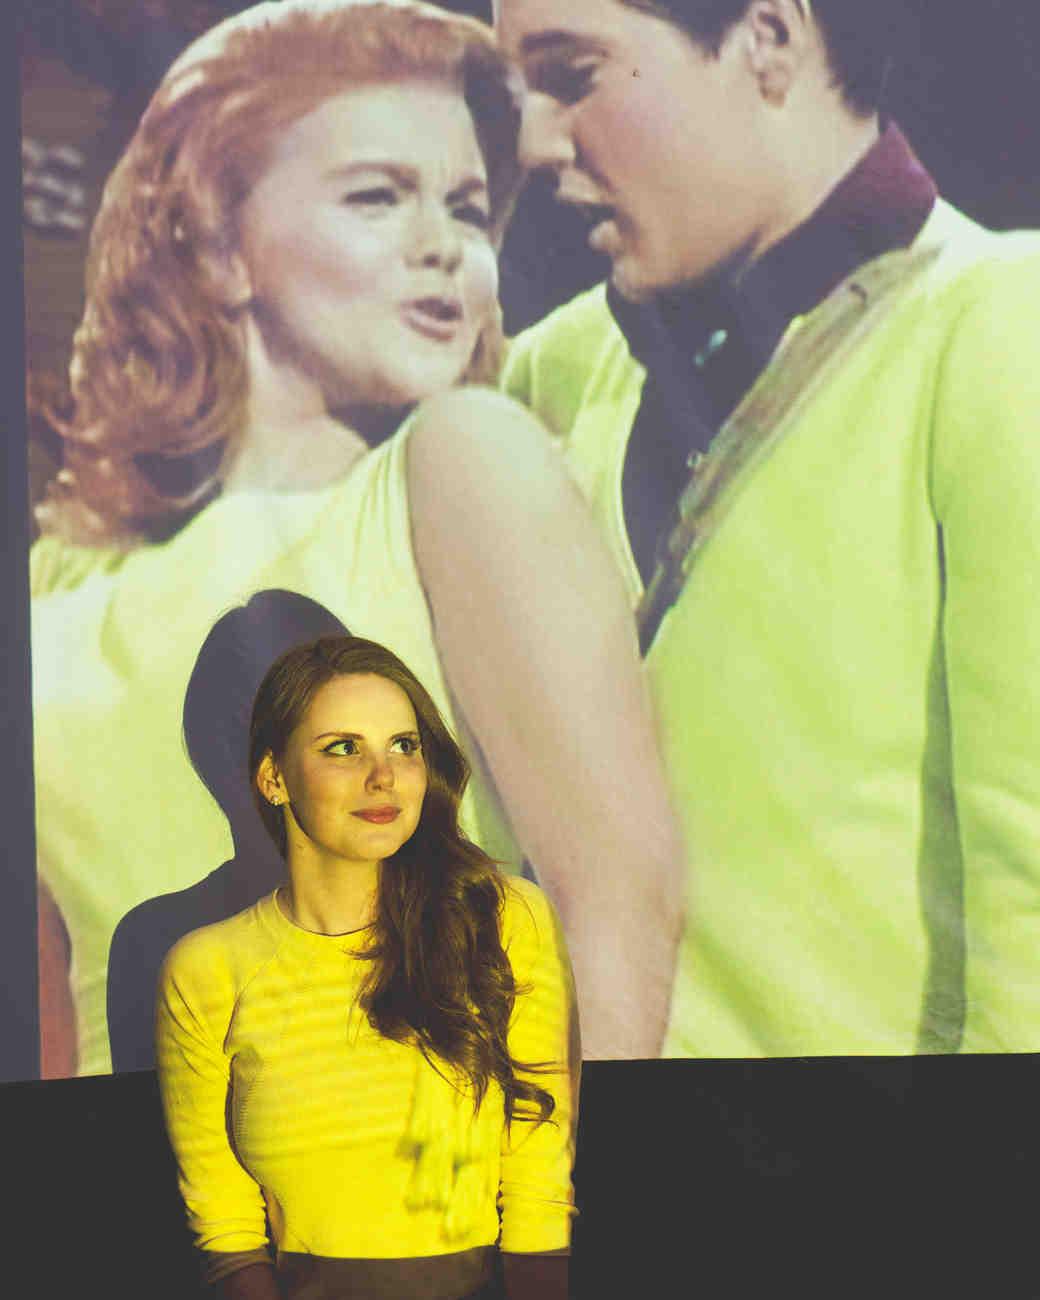 claire-thomas-bachelorette-party-outdoor-movie-night-elvis-outdoor-movie-viva-las-vegas-0415.jpg